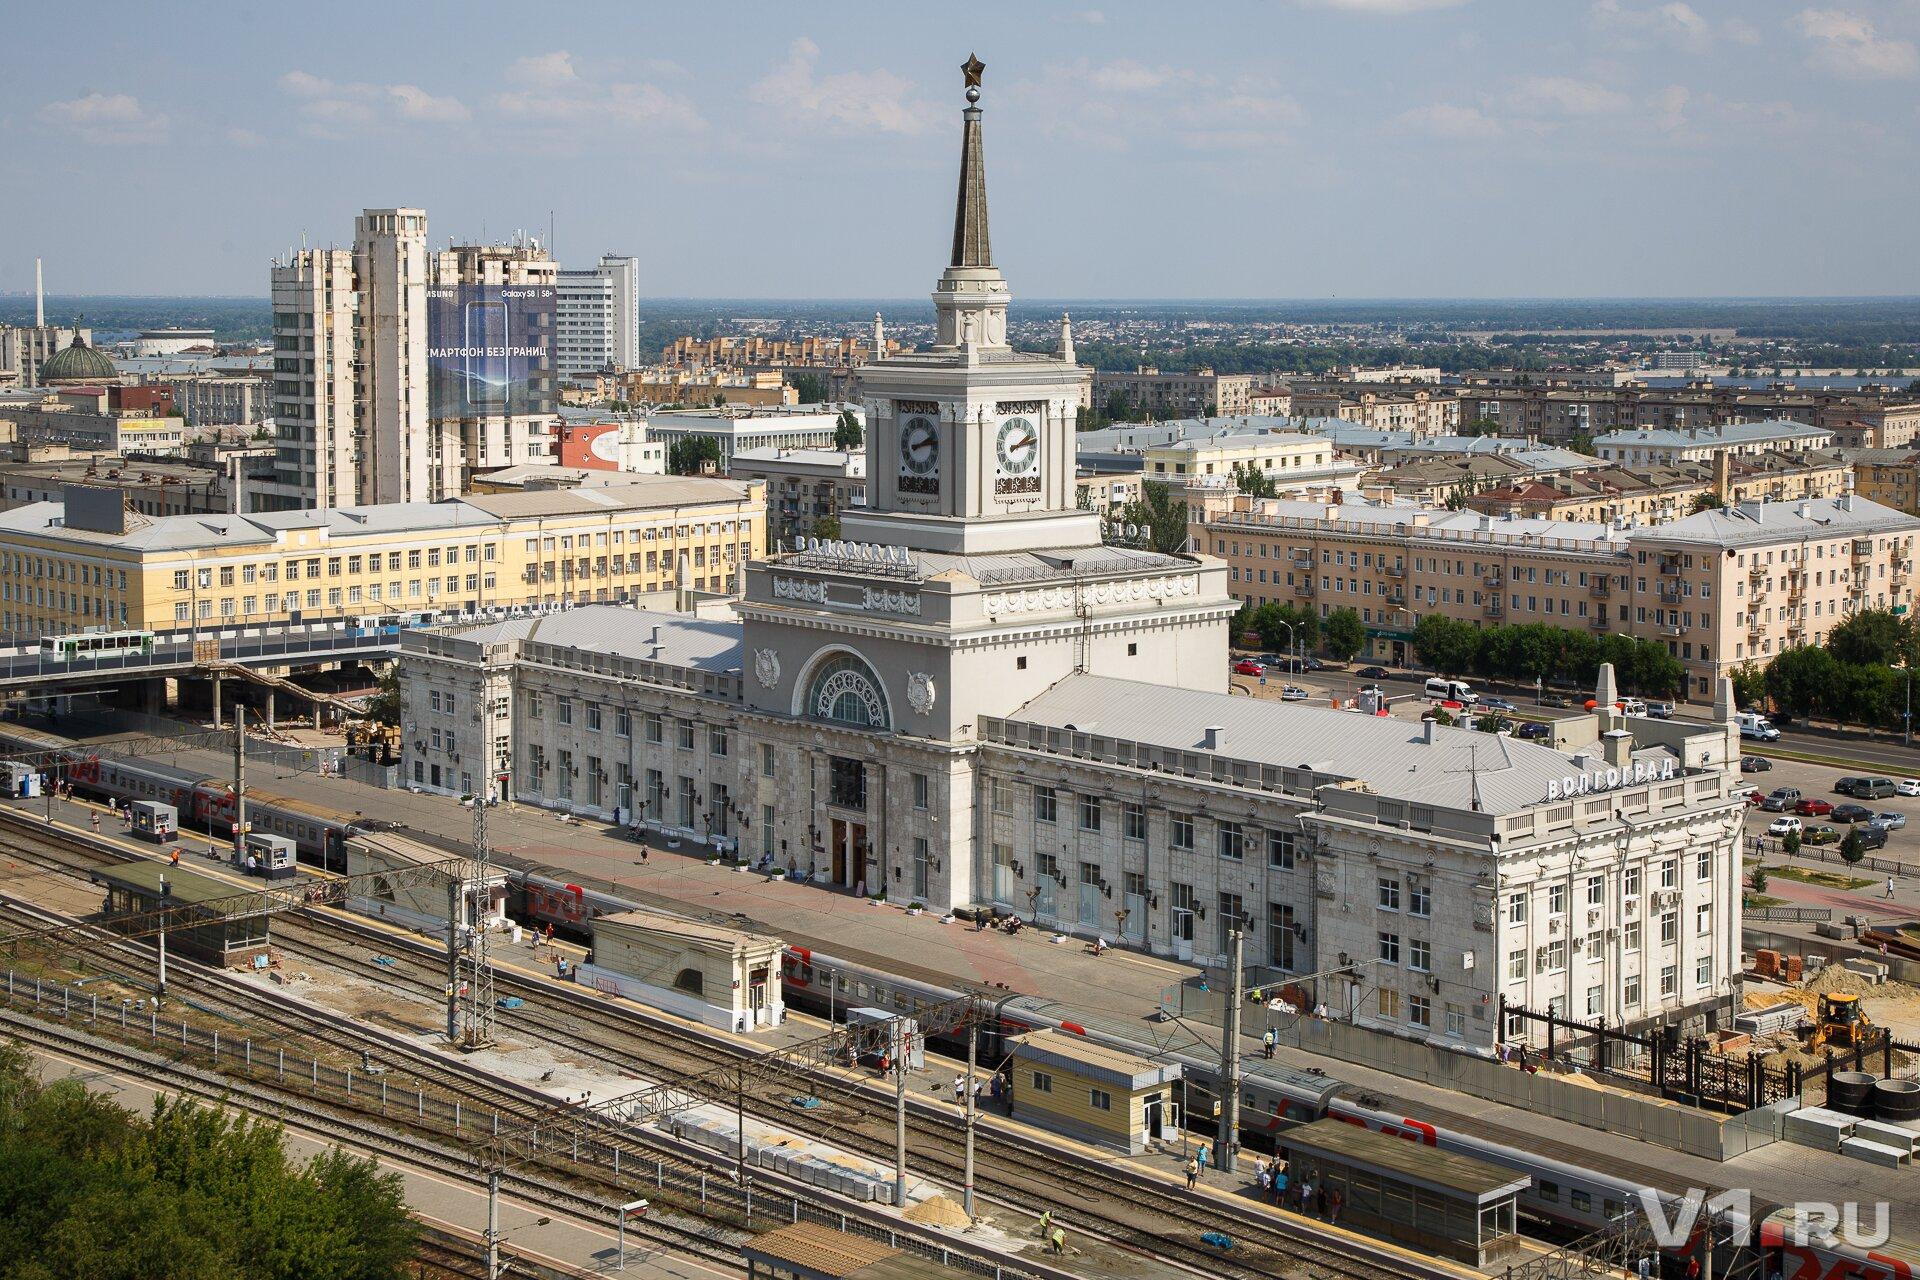 Железнодорожники провели географический ликбез и отправили туристов в Вологду